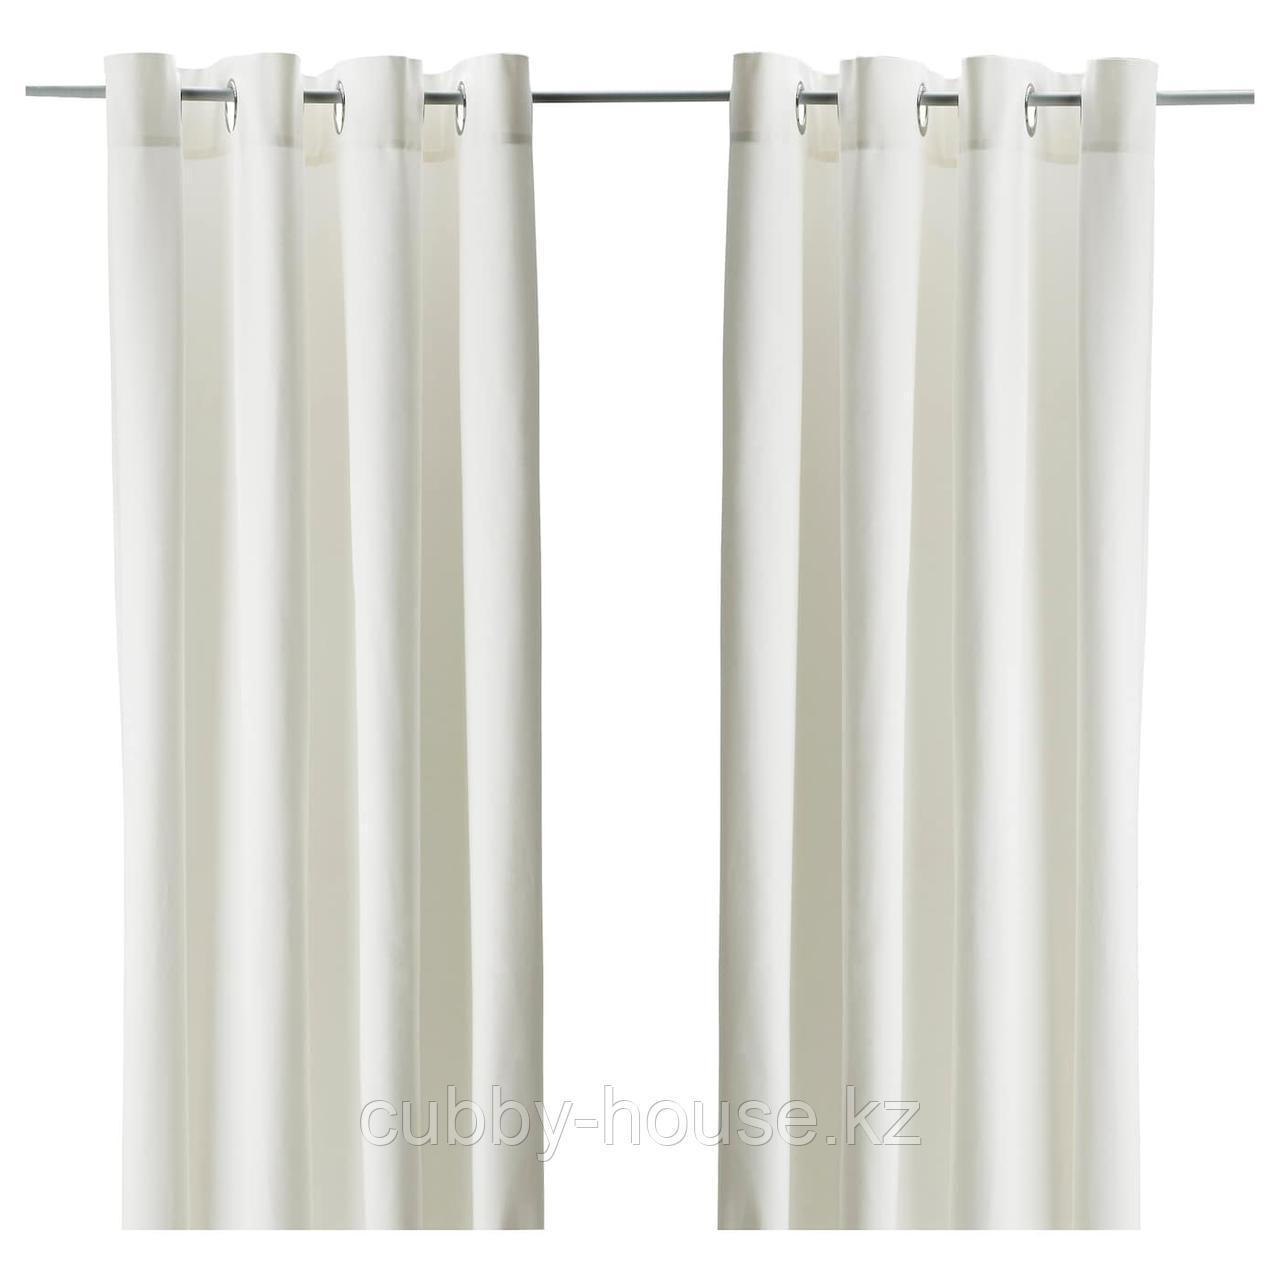 МЕРЕТЕ Затемняющие гардины, 1 пара, белый, 145x300 см